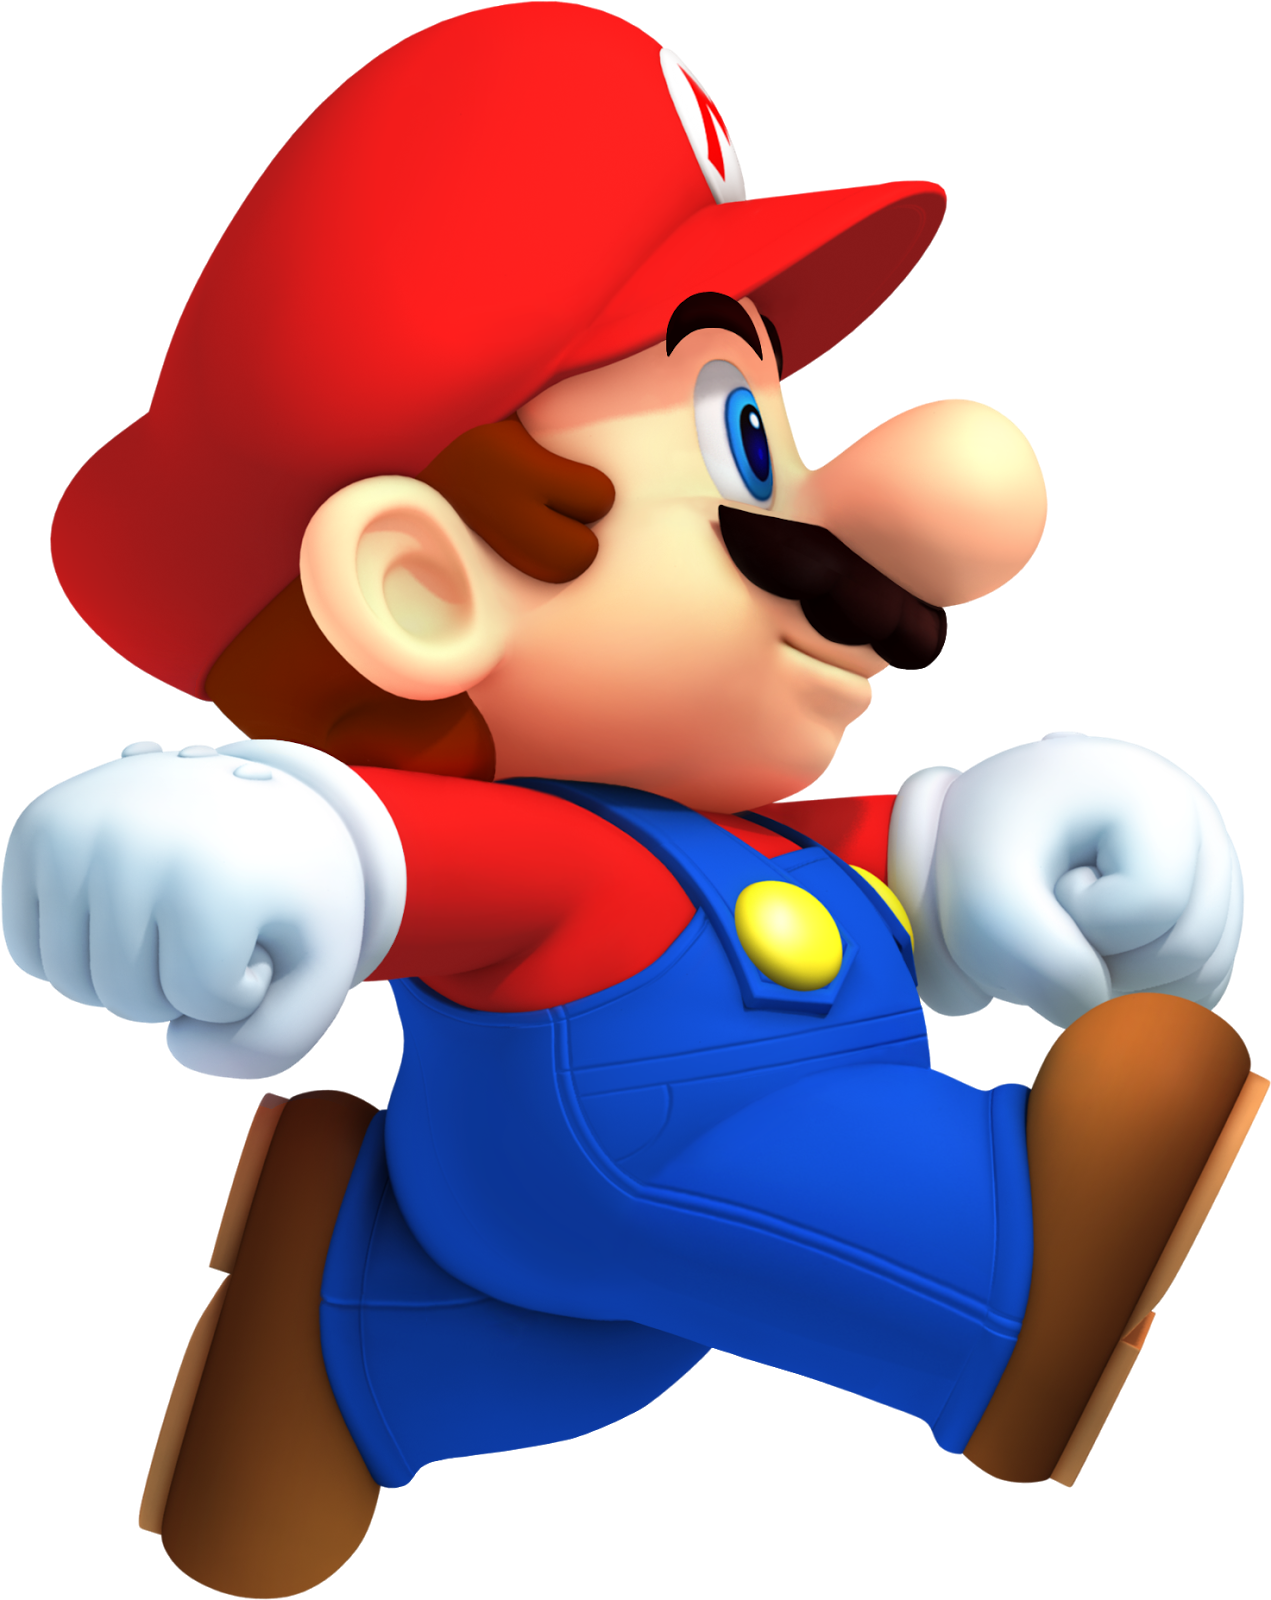 Mario bros clip art.